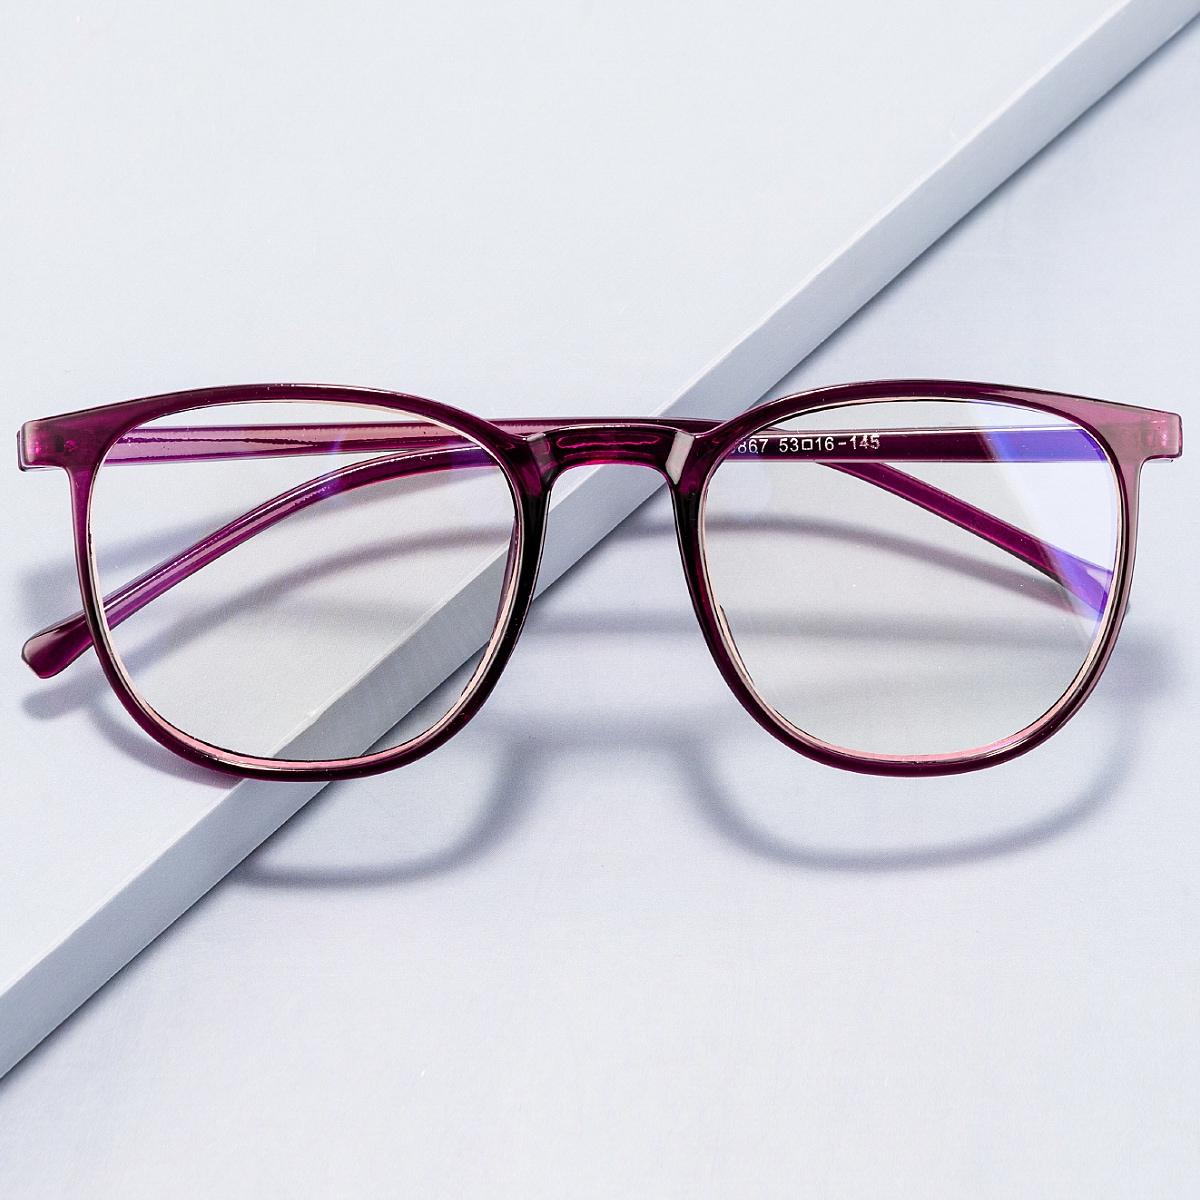 Защитные очки от синего света в квадратной оправе